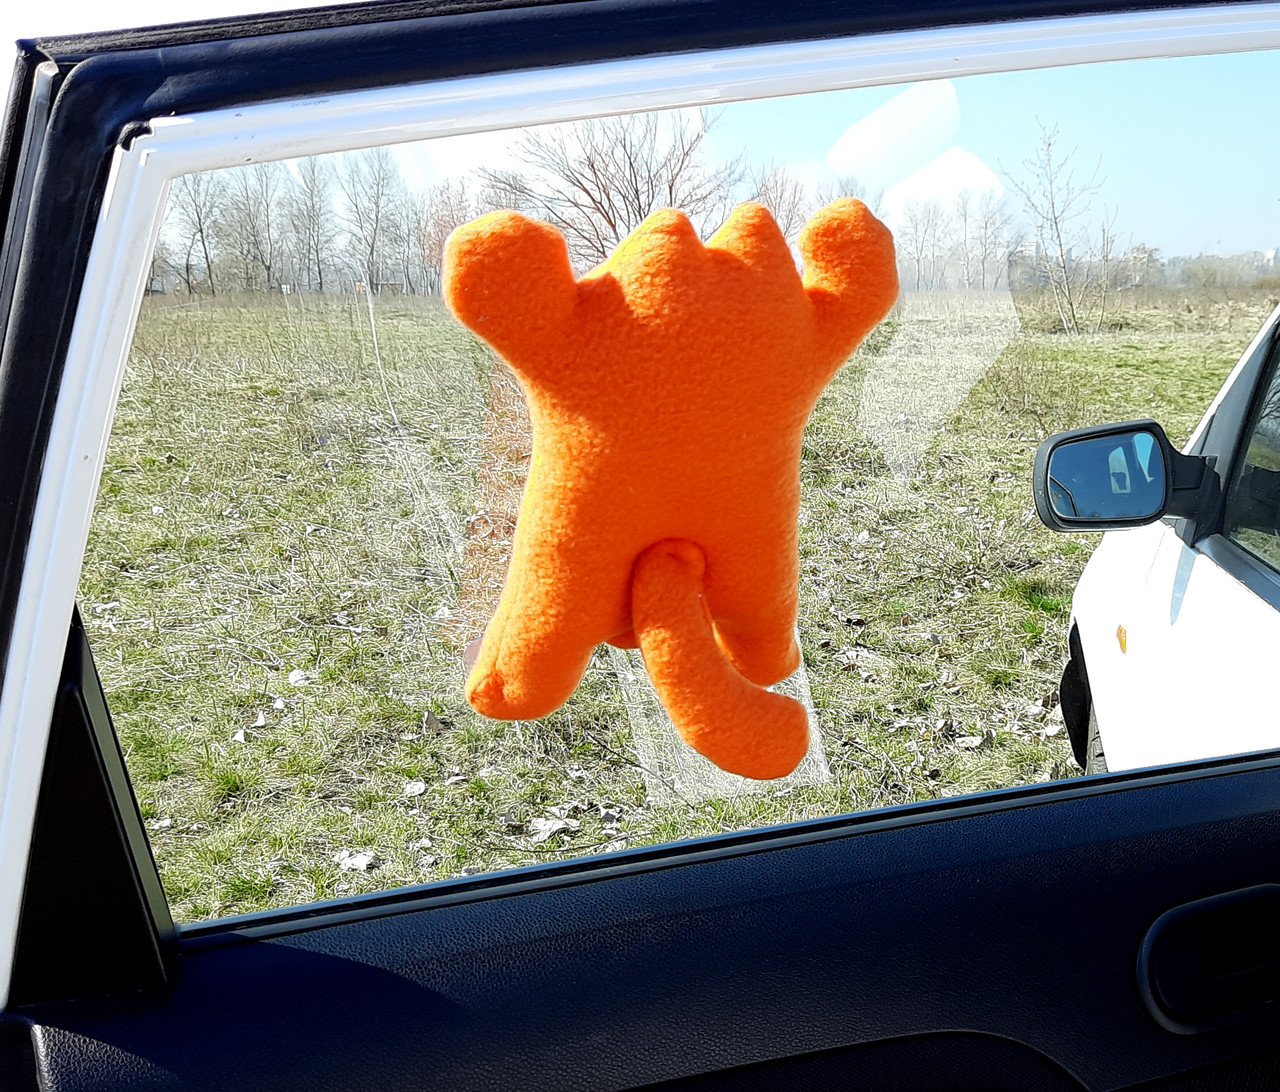 Саймон Кот рыжий на присосках - Сувенир в машину - Мягкая игрушка Кот Саймон - Подарок автомобилисту - фото 7